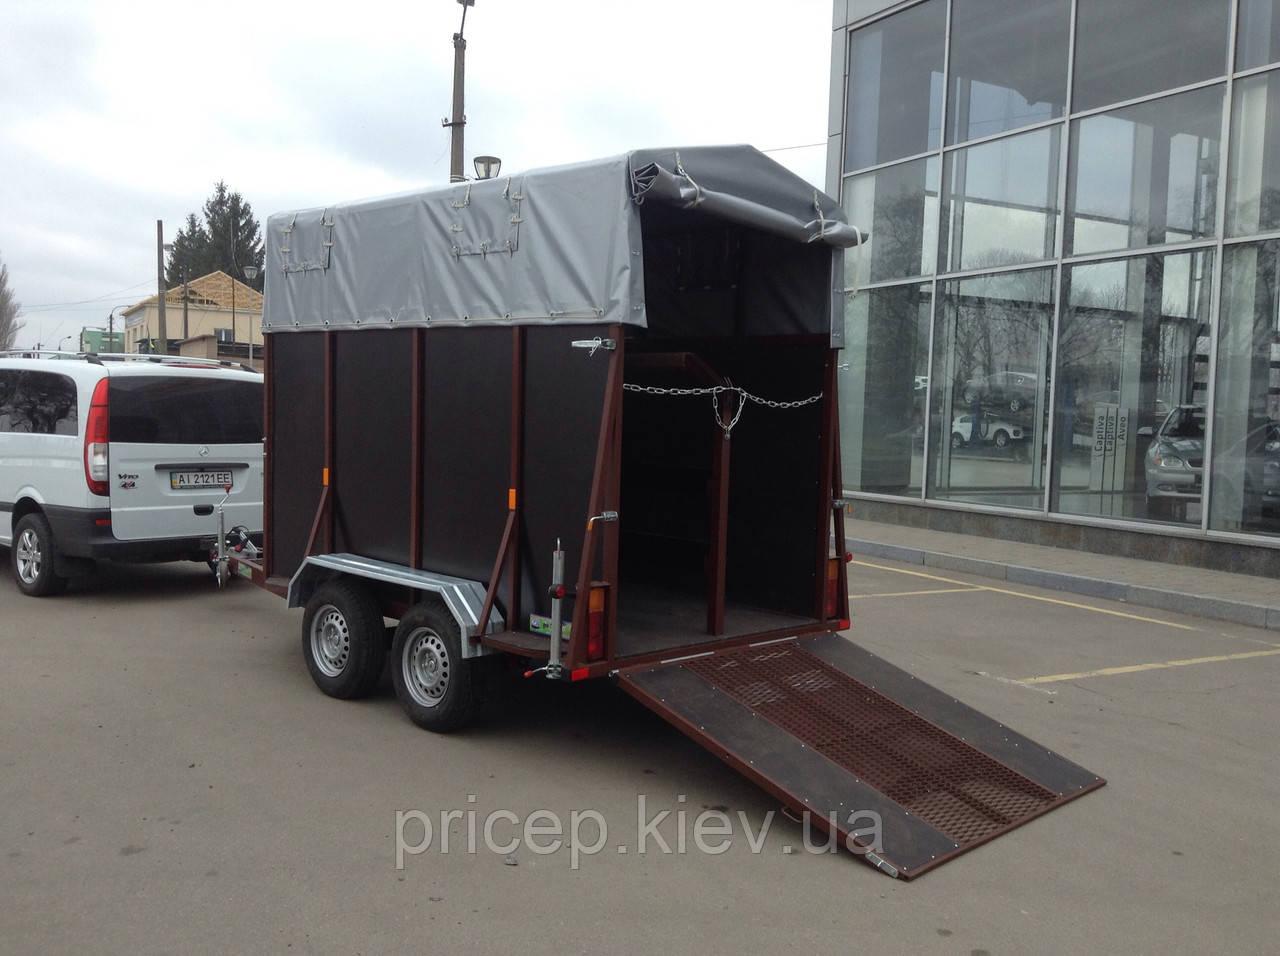 Прицеп для транспортировки коней 3,8м х 1,6м. Рессорный. Тормоза.